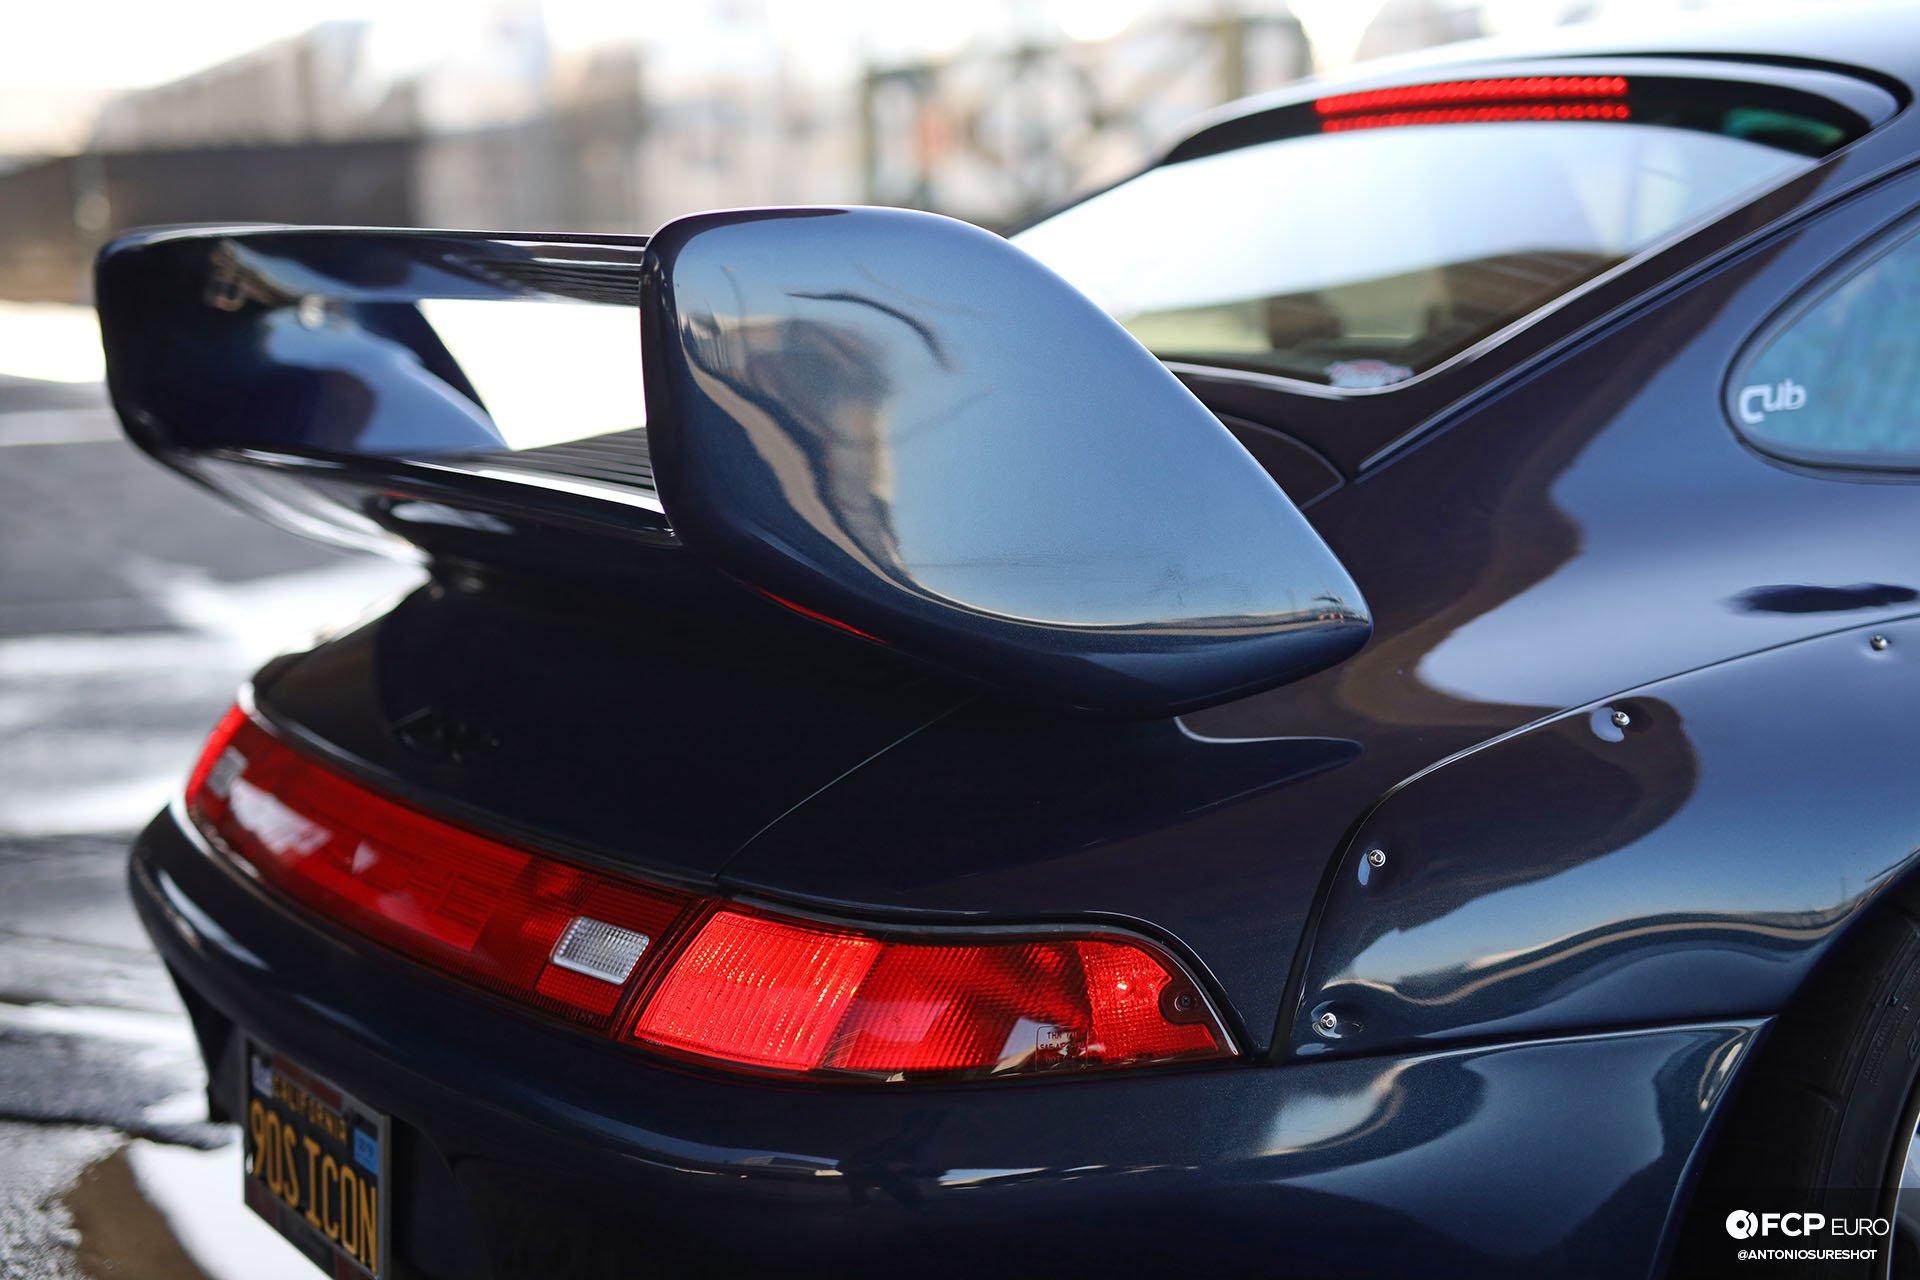 1996 Porsche 911 Carrera 993 RWB wing